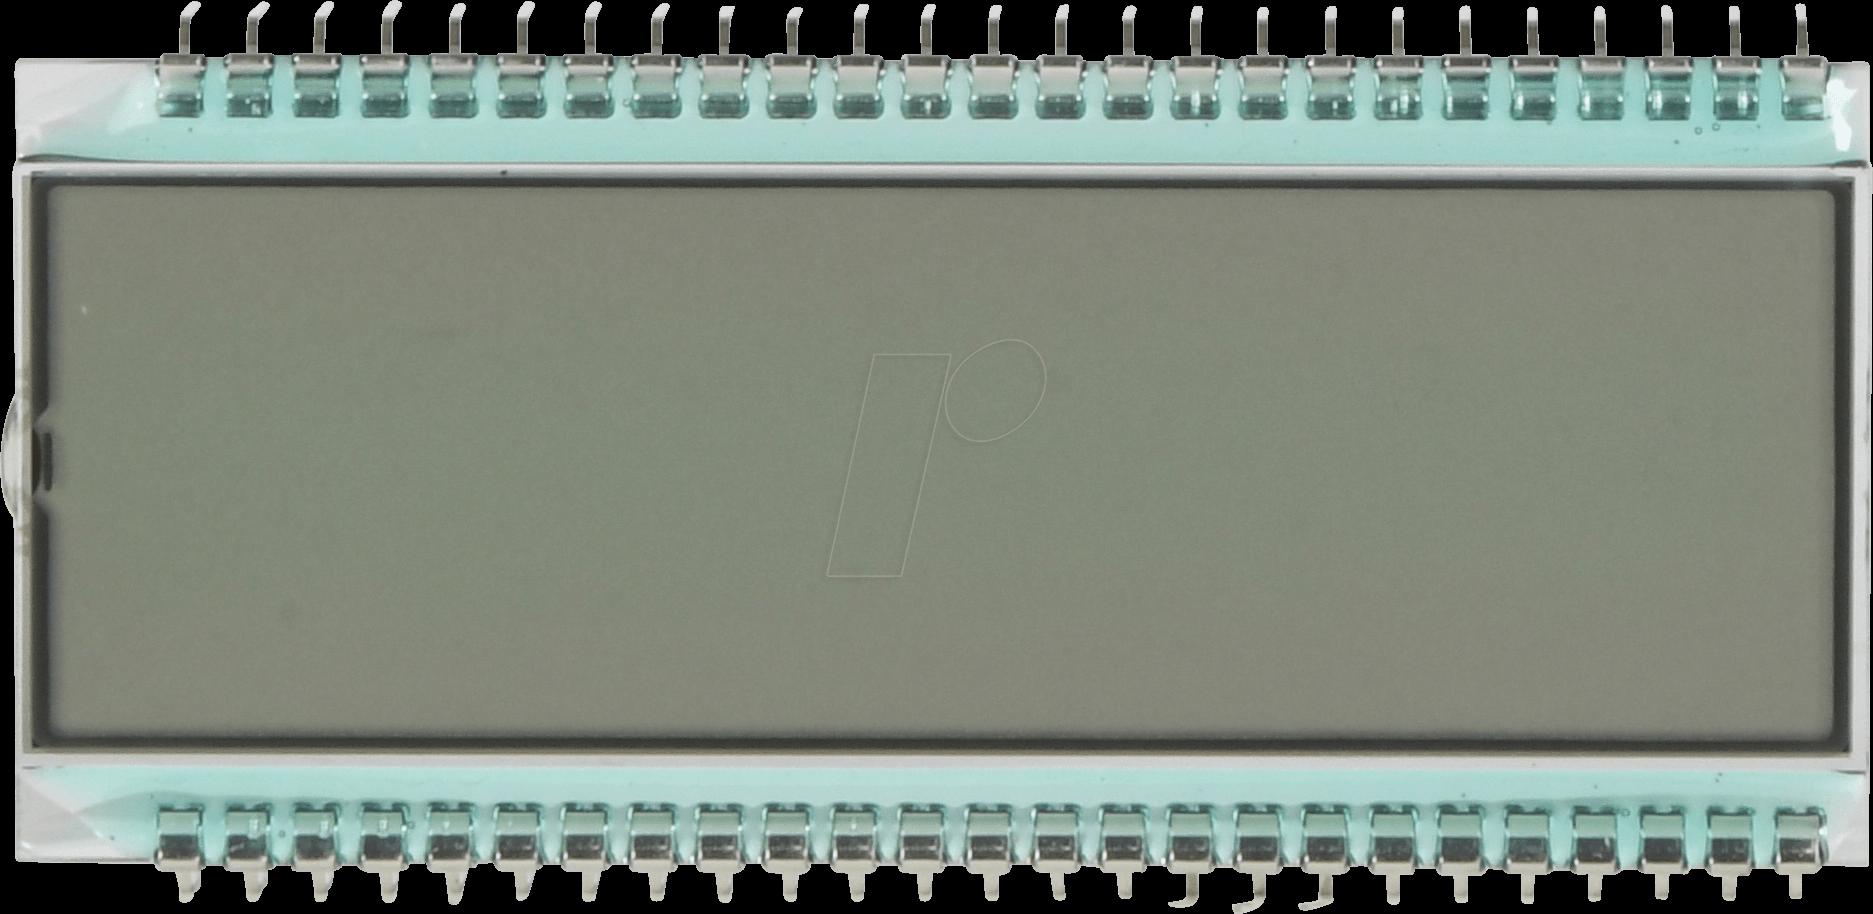 https://cdn-reichelt.de/bilder/web/xxl_ws/A500/LCD-7S_6-13_A.png